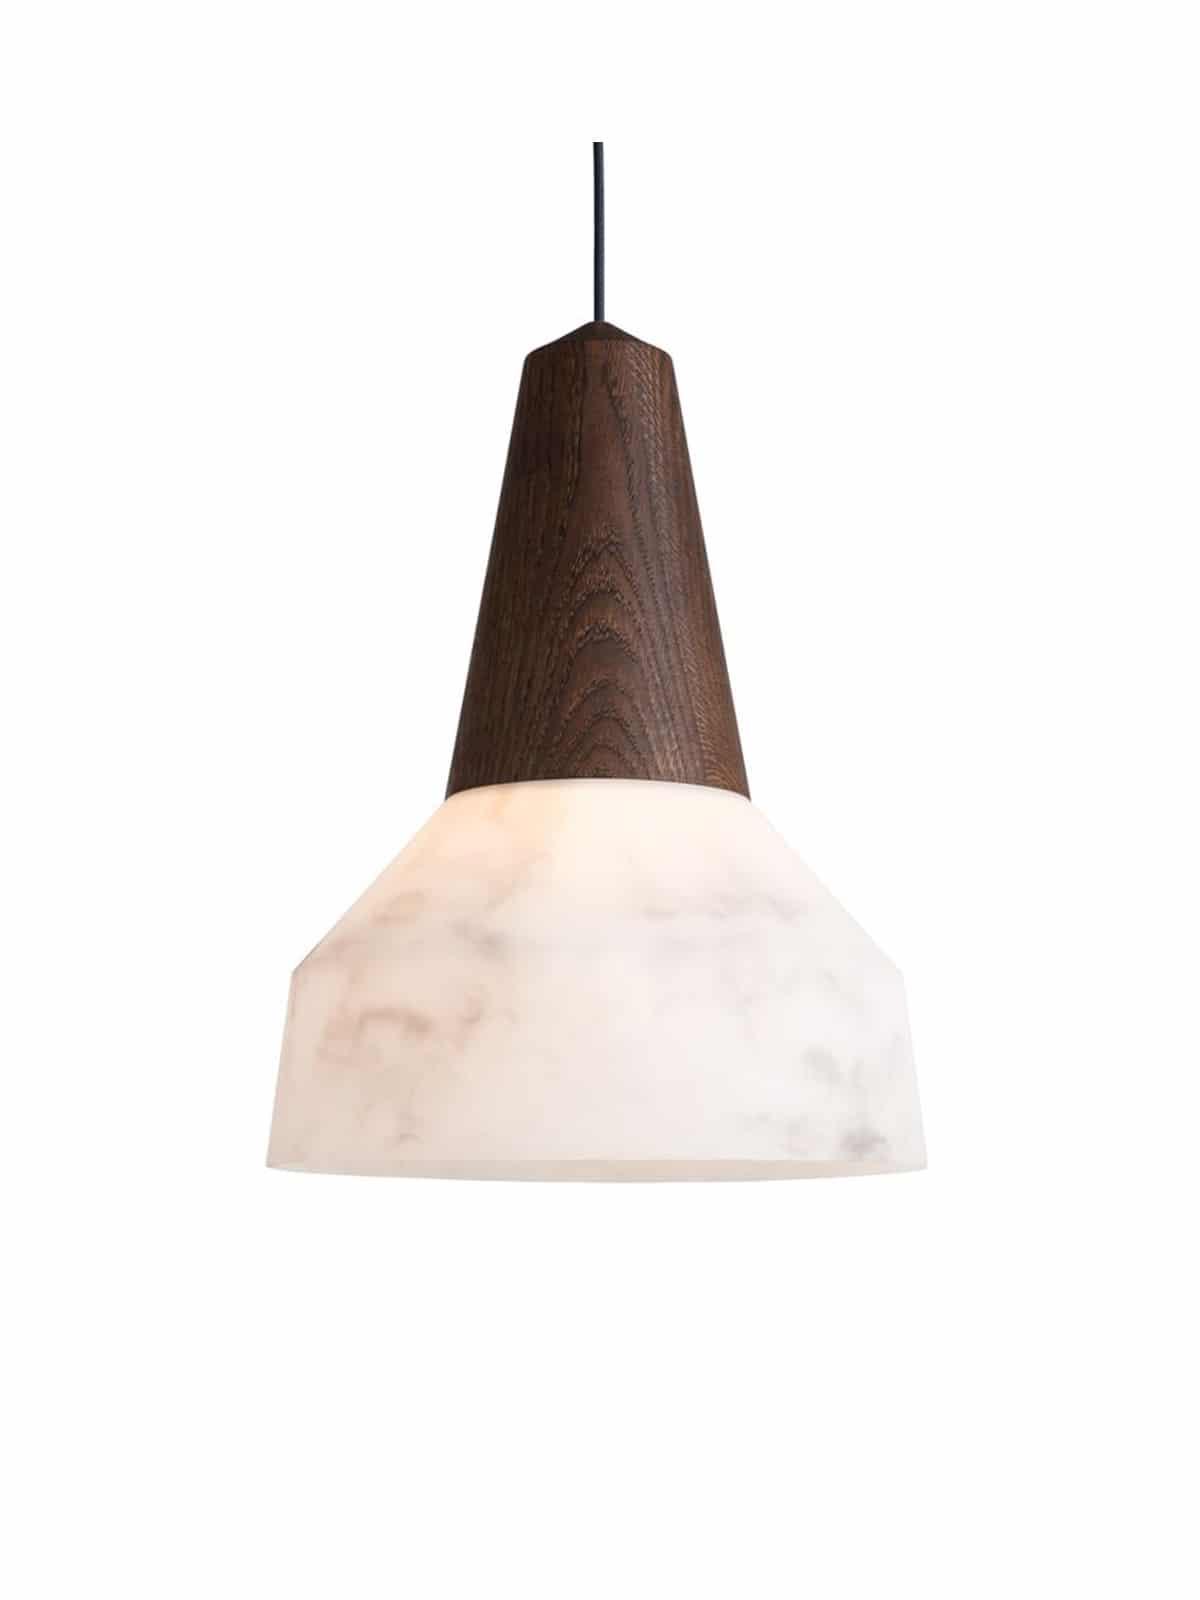 Pendel Lampe Eikon Bubble Made in Germany Schneid